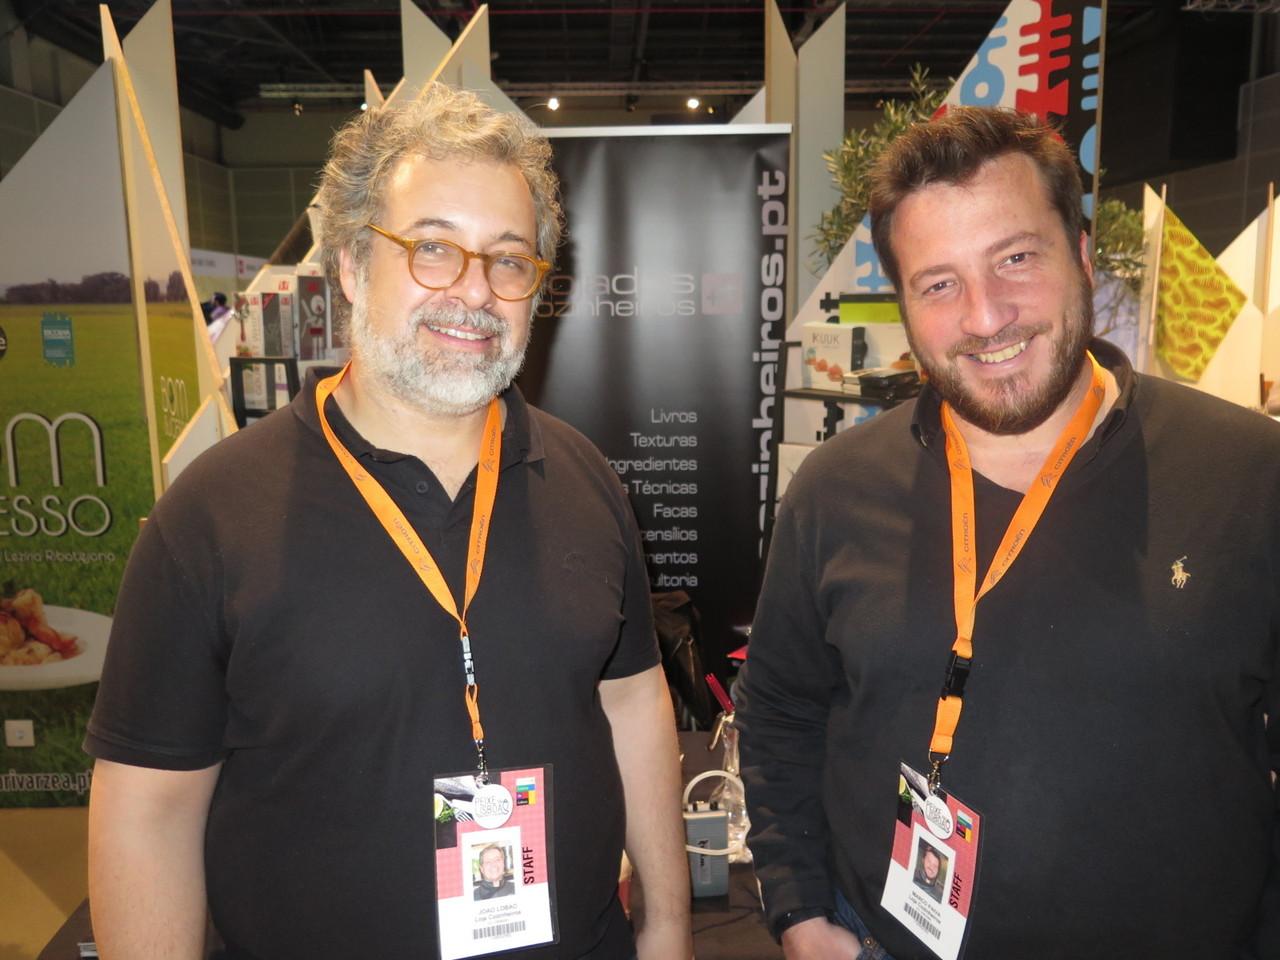 Loja dos Cozinheiros – João Lobão e Marco Paiva